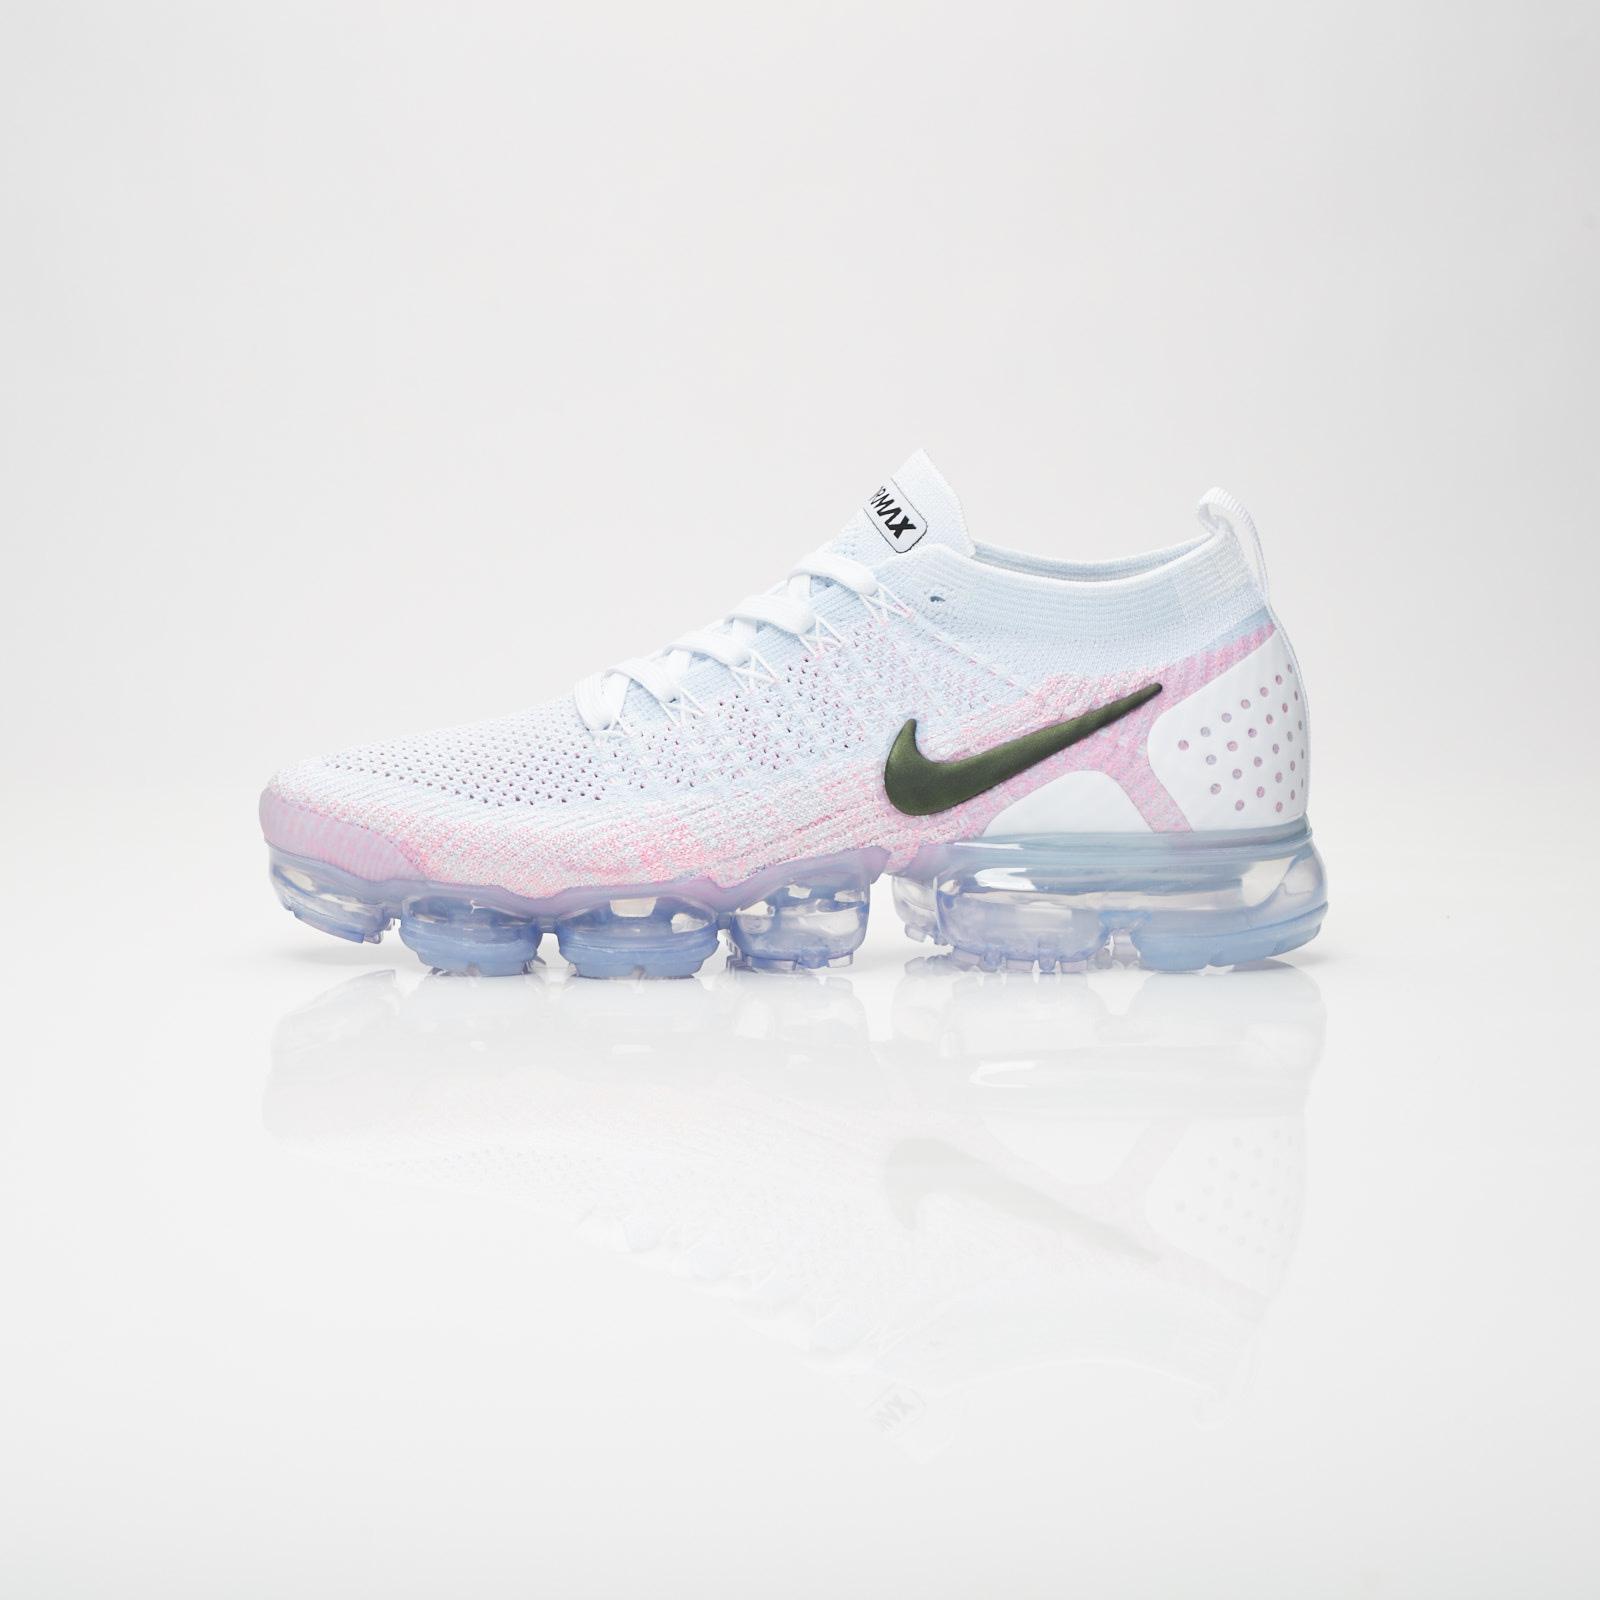 d8143cb2bd3b Nike Air Vapormax Flyknit 2 - 942842-102 - Sneakersnstuff